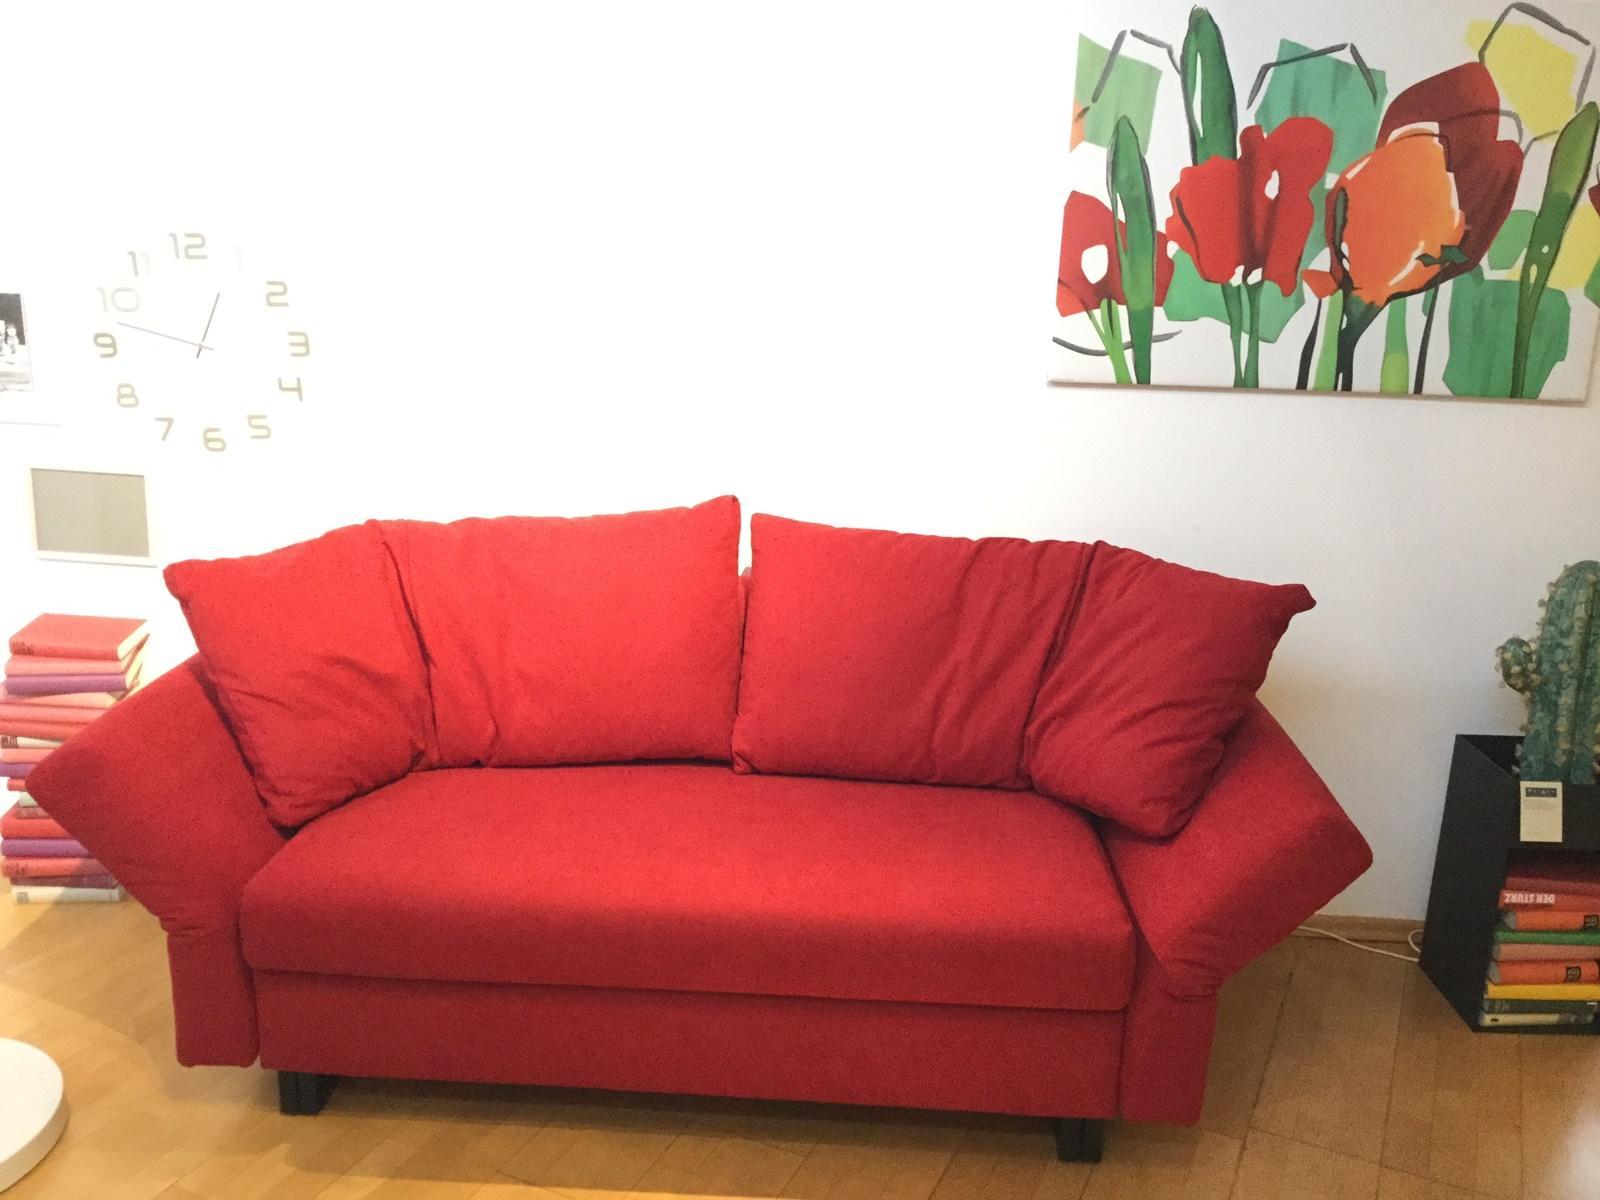 Möbel Weimer Hausausstellung - Rotes Sofa